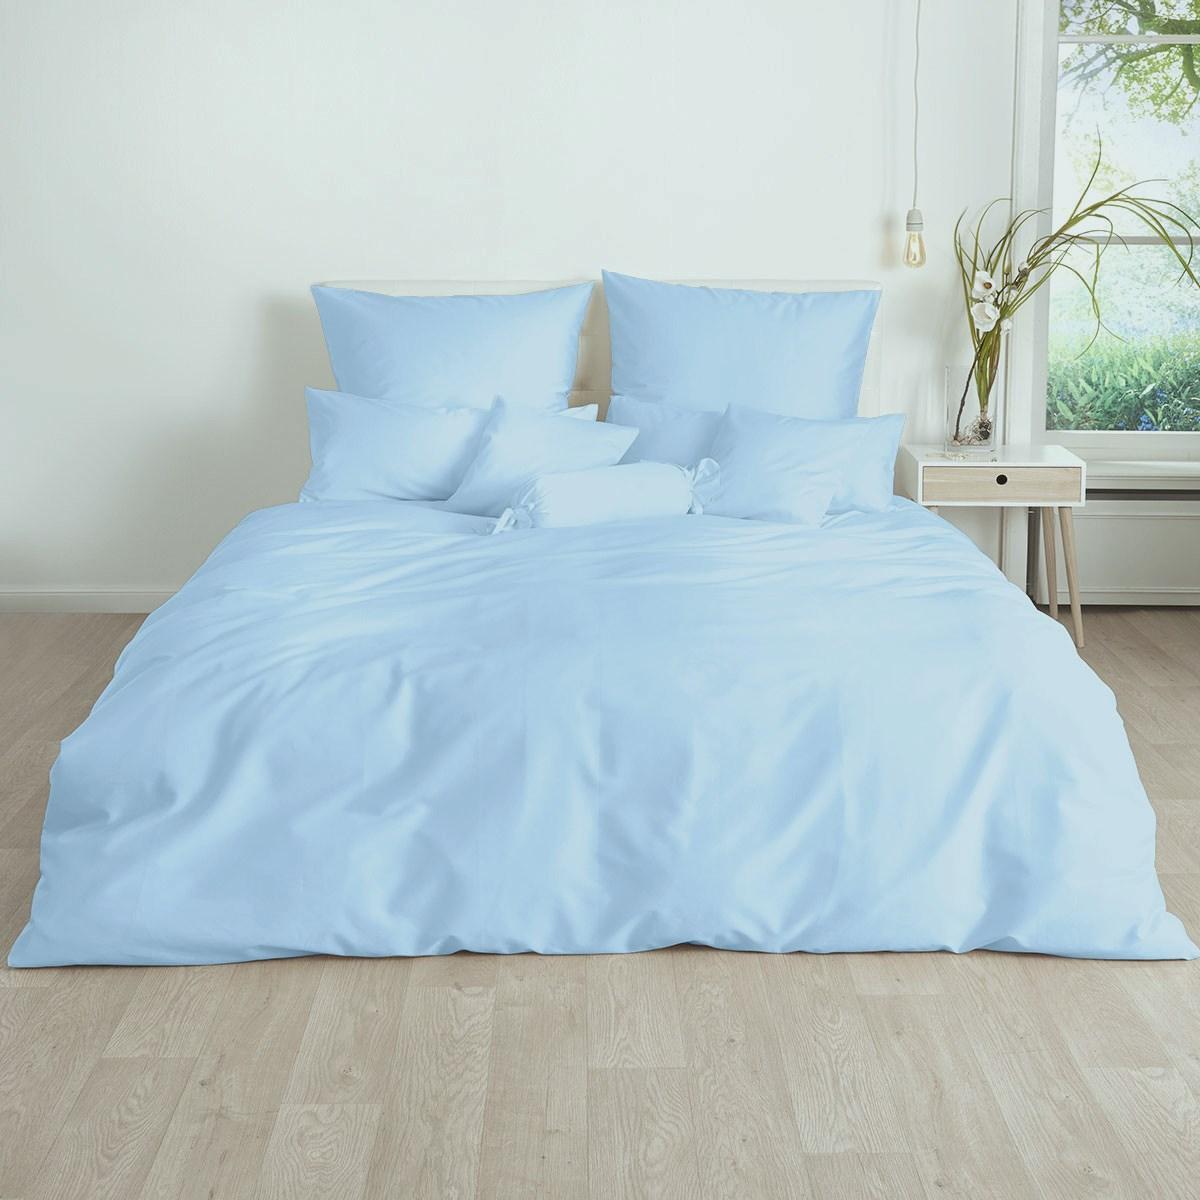 Постельное белье Небесно-голубой поплин ТМ Царский дом  (Полуторный)